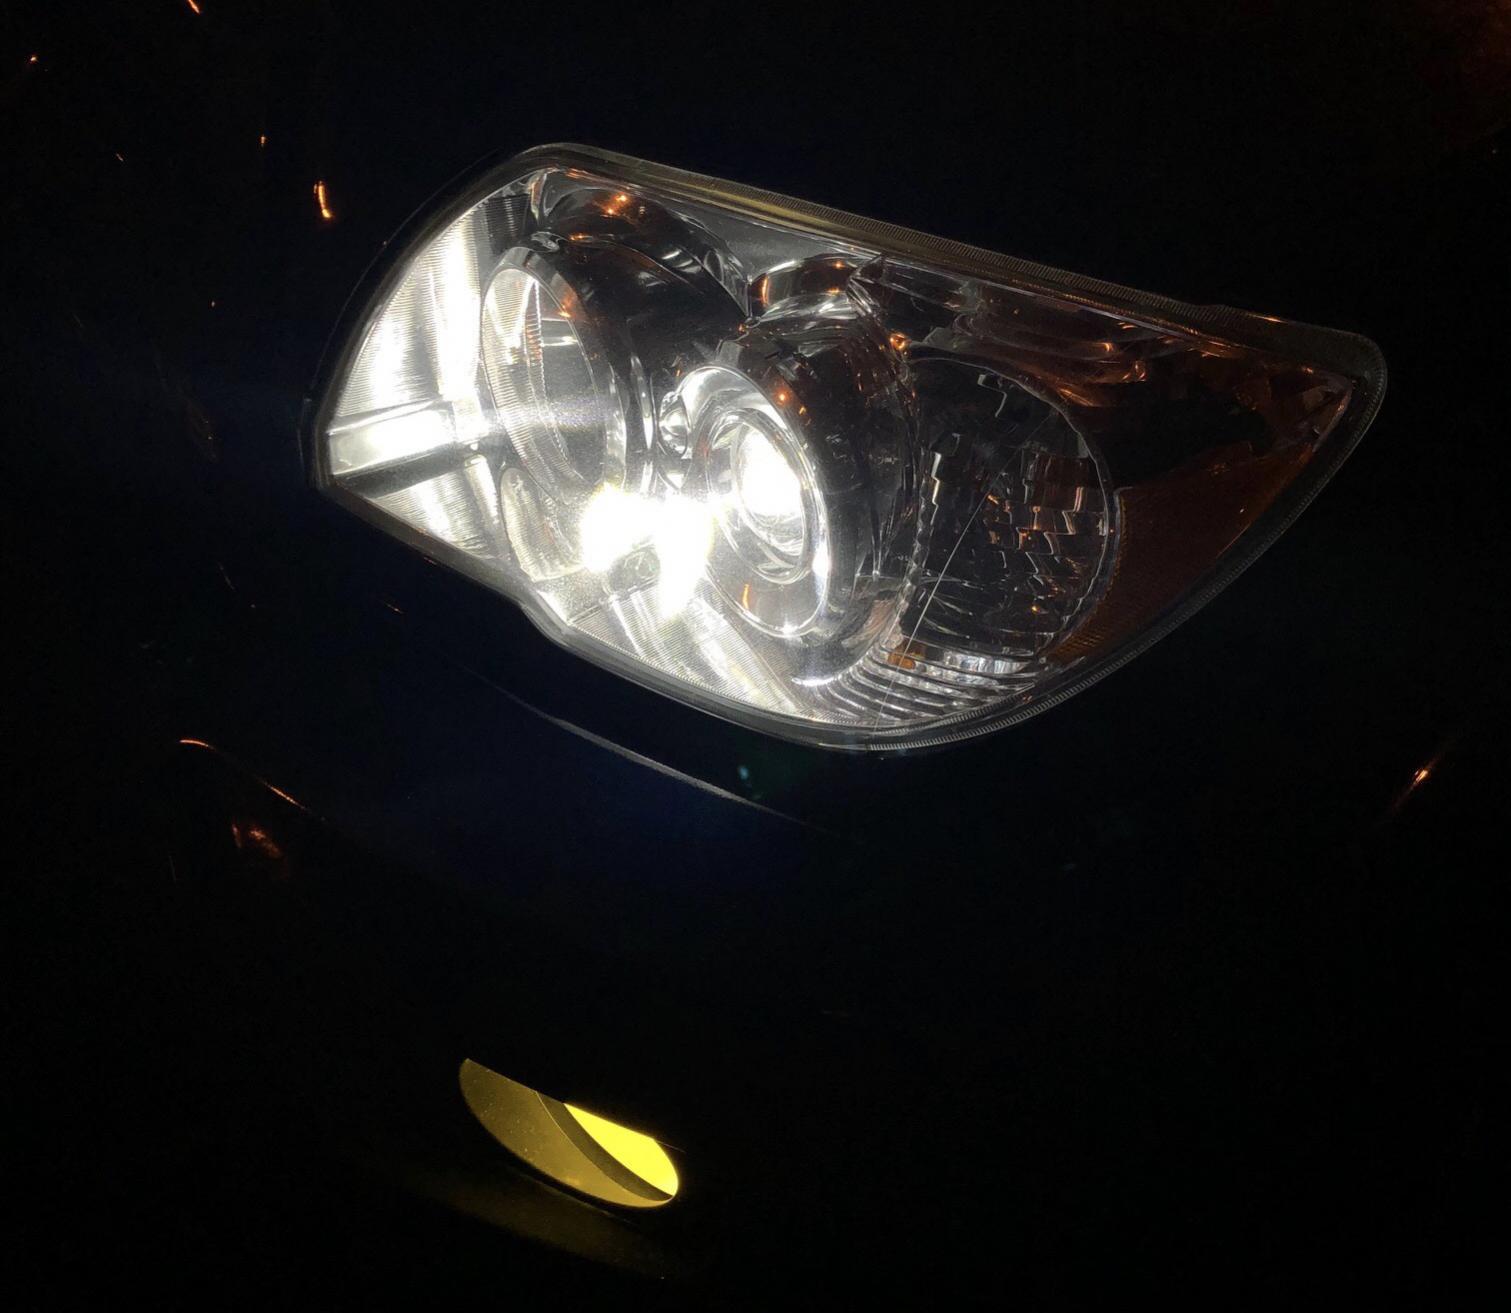 06-09 LED headlight bulbs. MUST TRY list-d585788b-36cb-4f60-b749-061f68c0637c-jpg